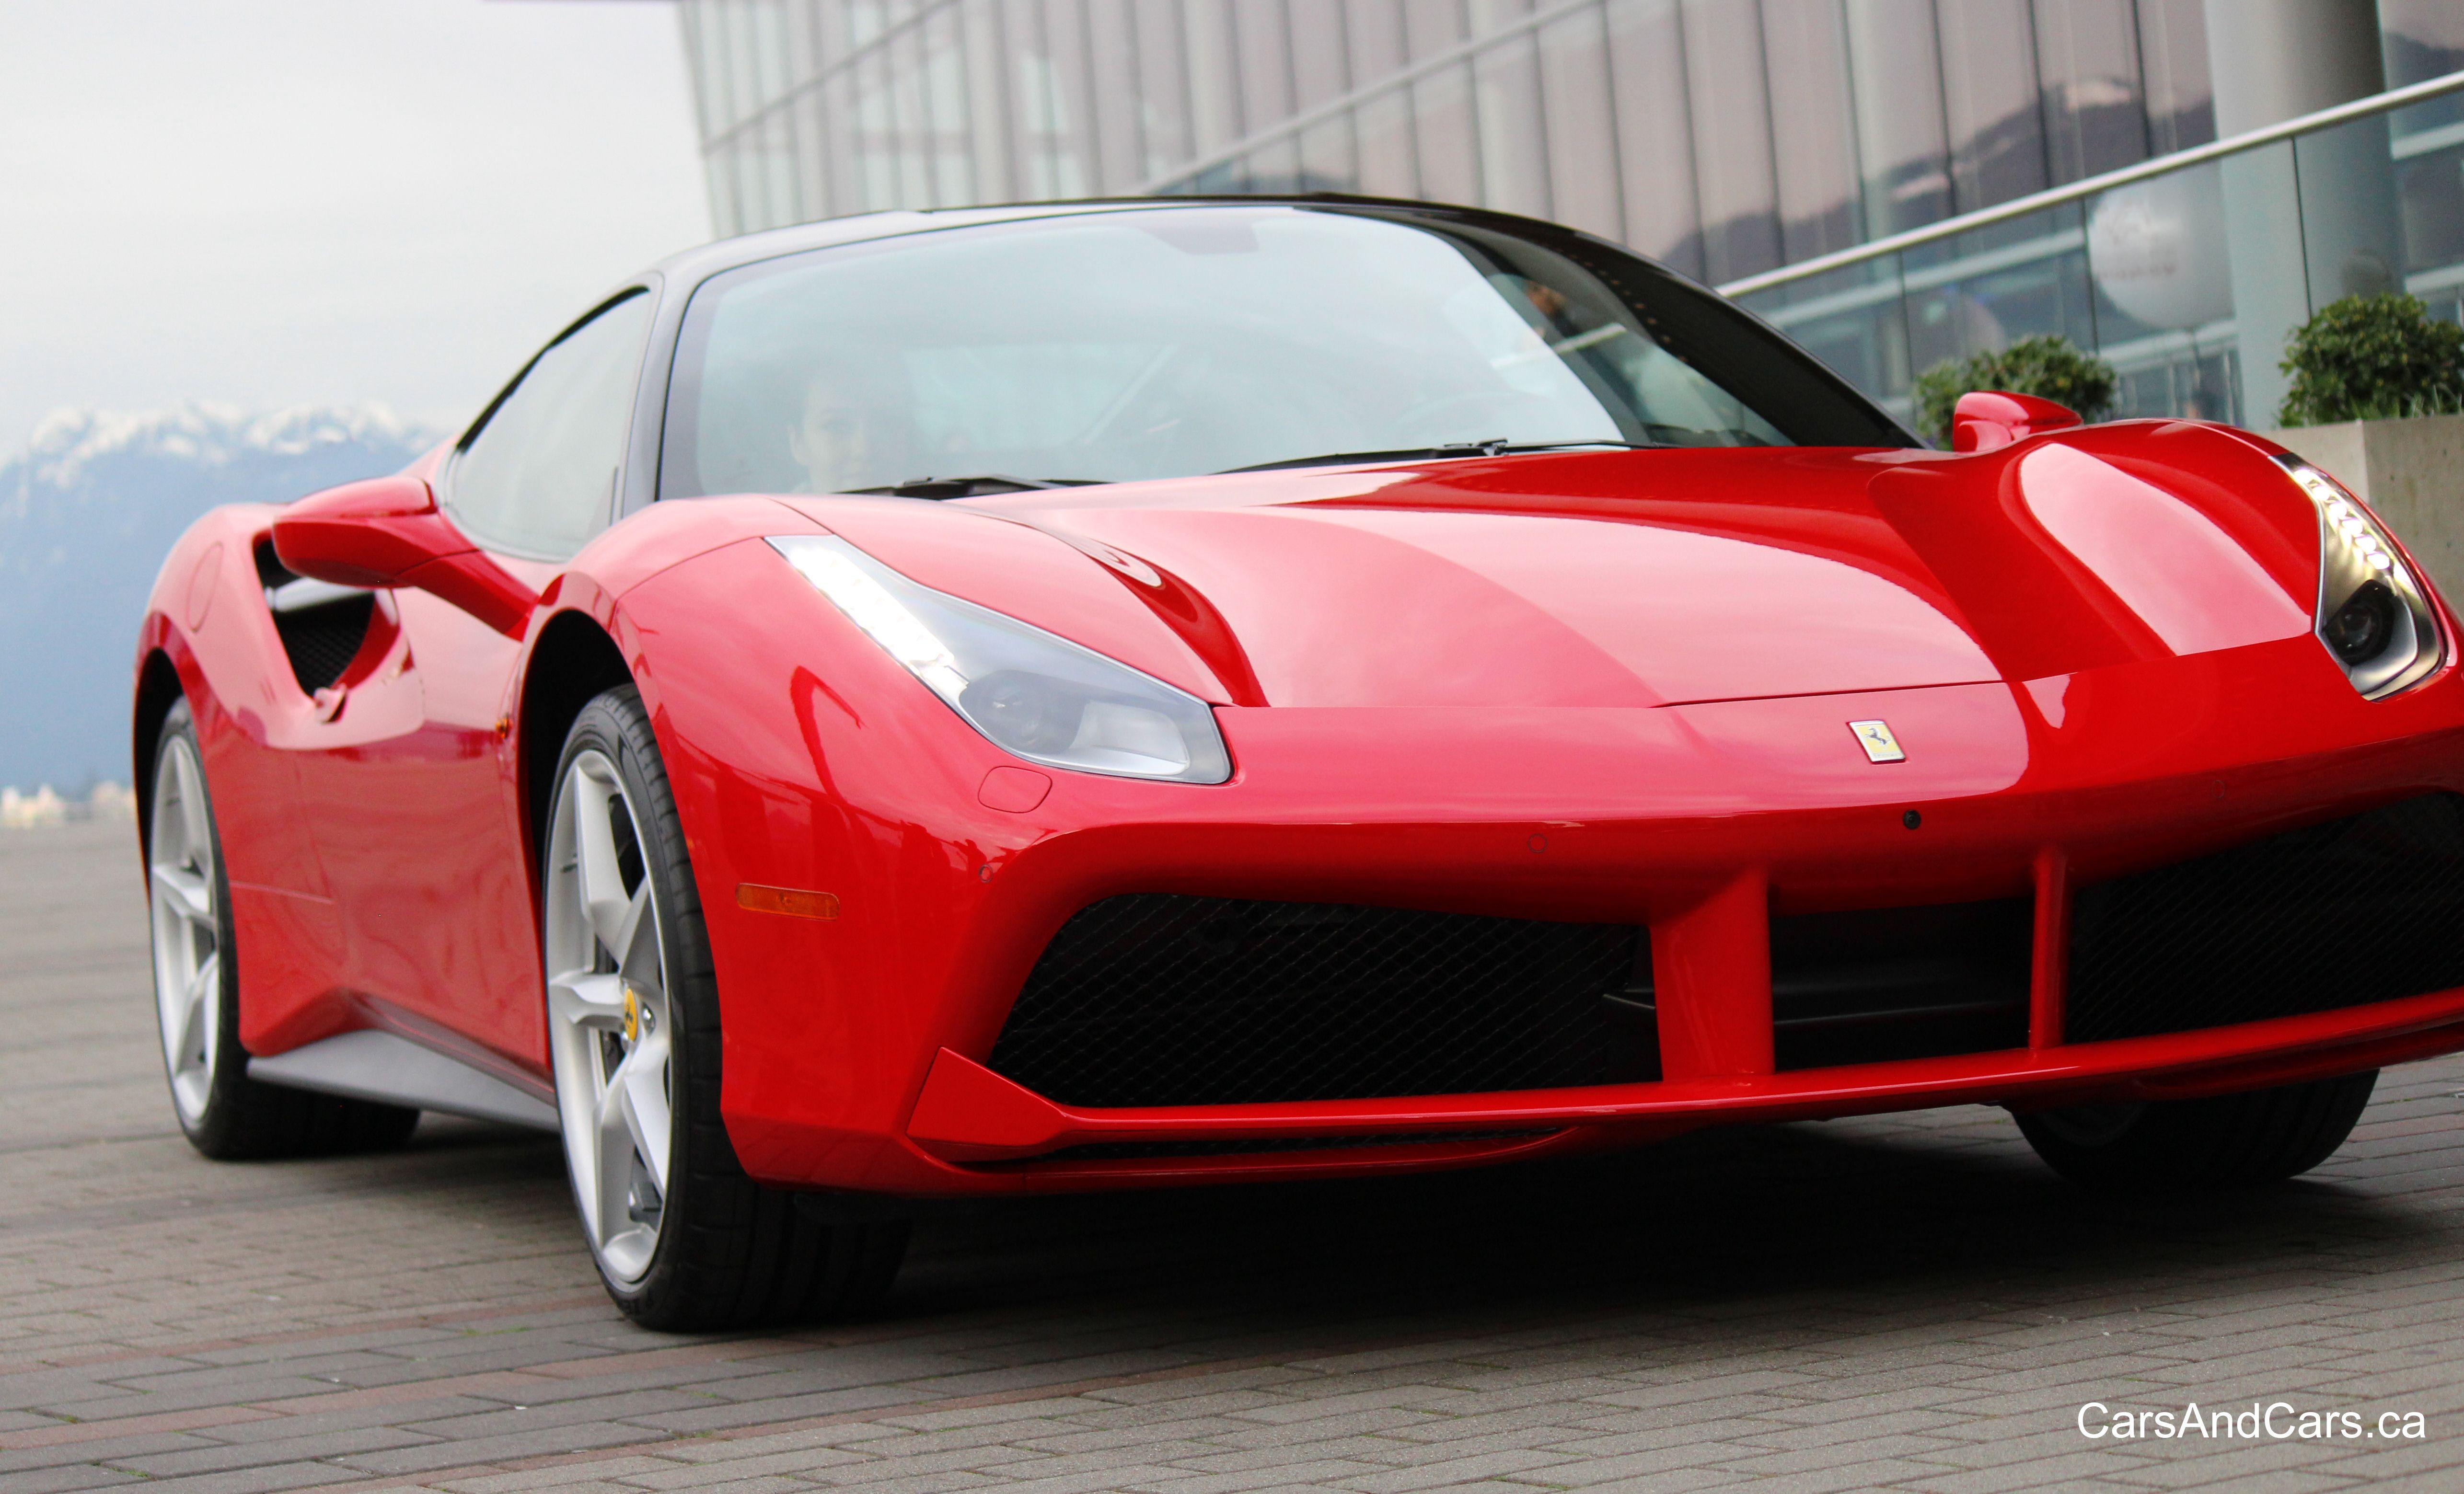 Ferrari 488 Gtb Ferrari For Sale Ferrari Ferrari 488